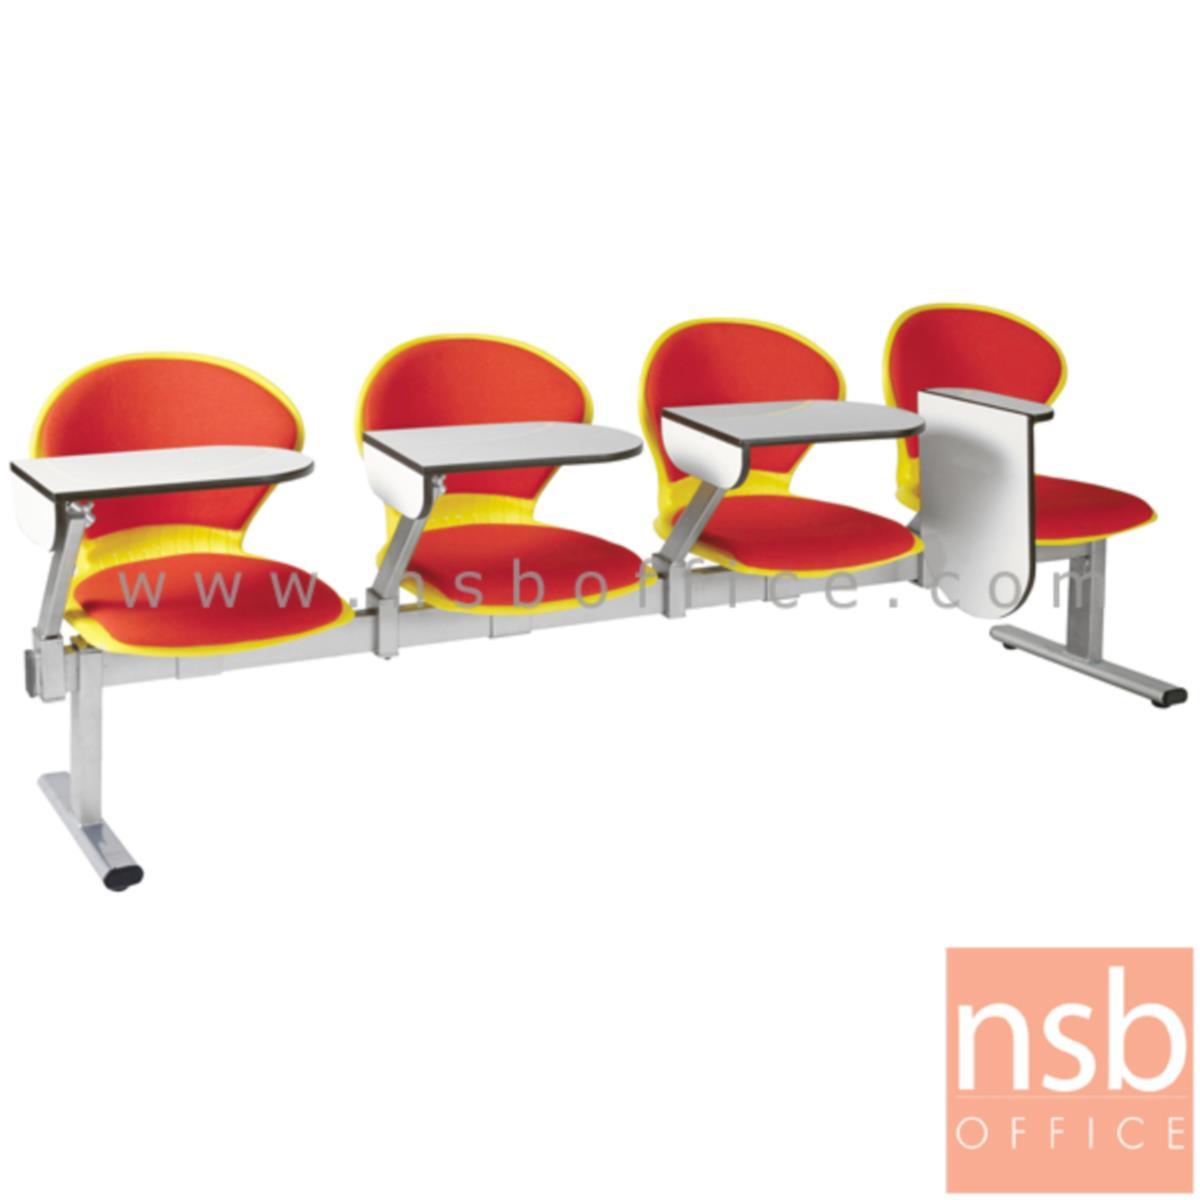 เก้าอี้เลคเชอร์แถวเฟรมโพลี่หุ้มเบาะ รุ่น D576 2 ,3 และ 4 ที่นั่ง ขาเหล็กพ่นสีเทา